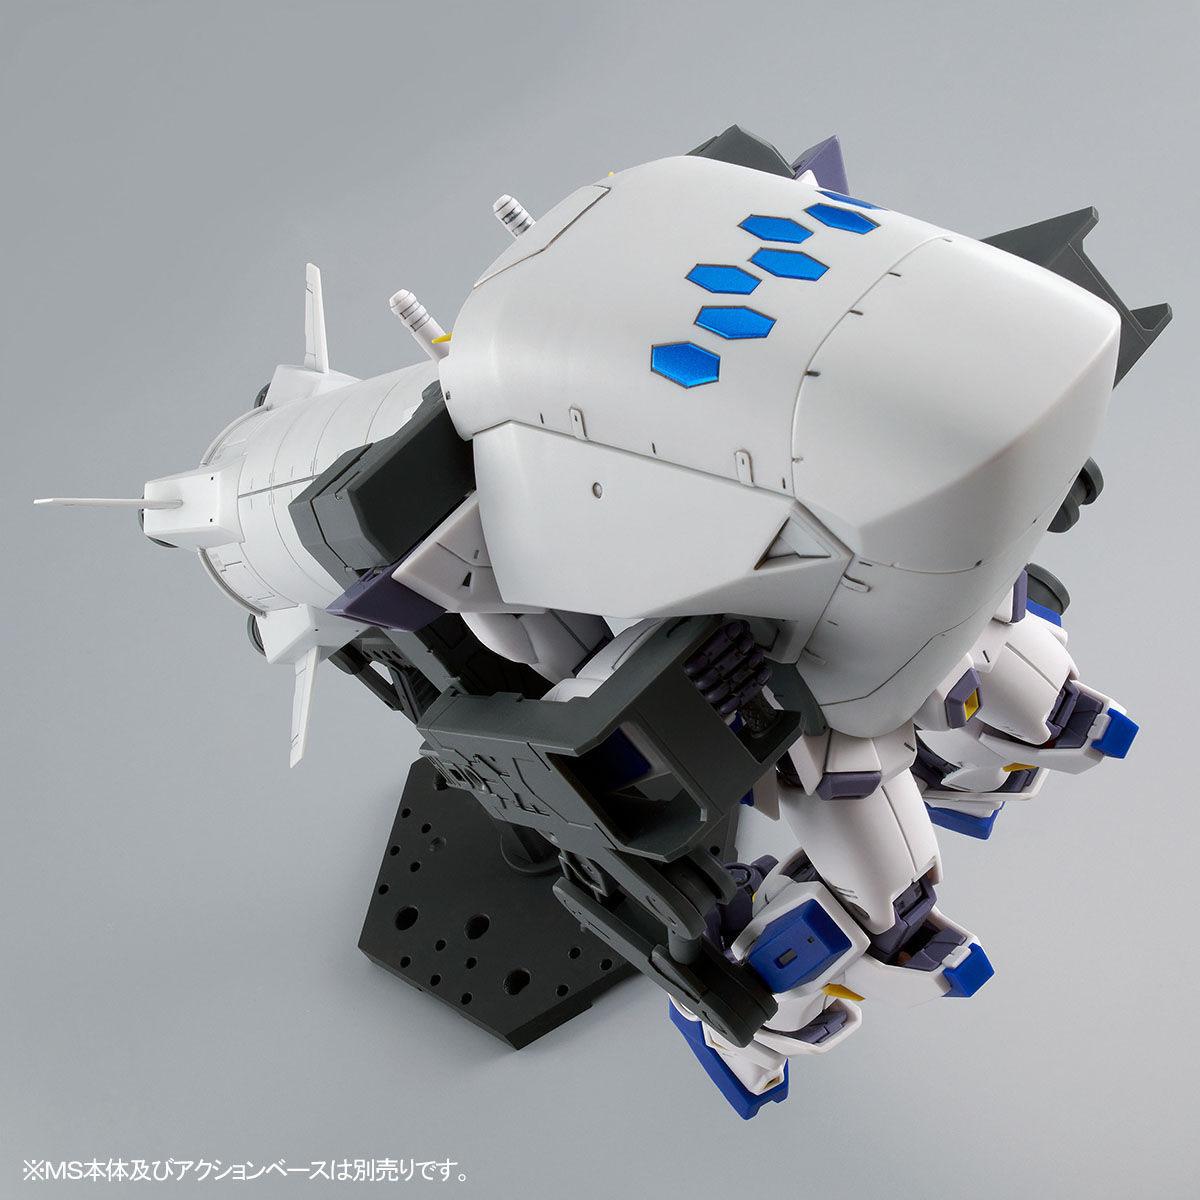 【限定販売】MG 1/100『ガンダムF90用 ミッションパック Oタイプ&Uタイプ』プラモデル-007